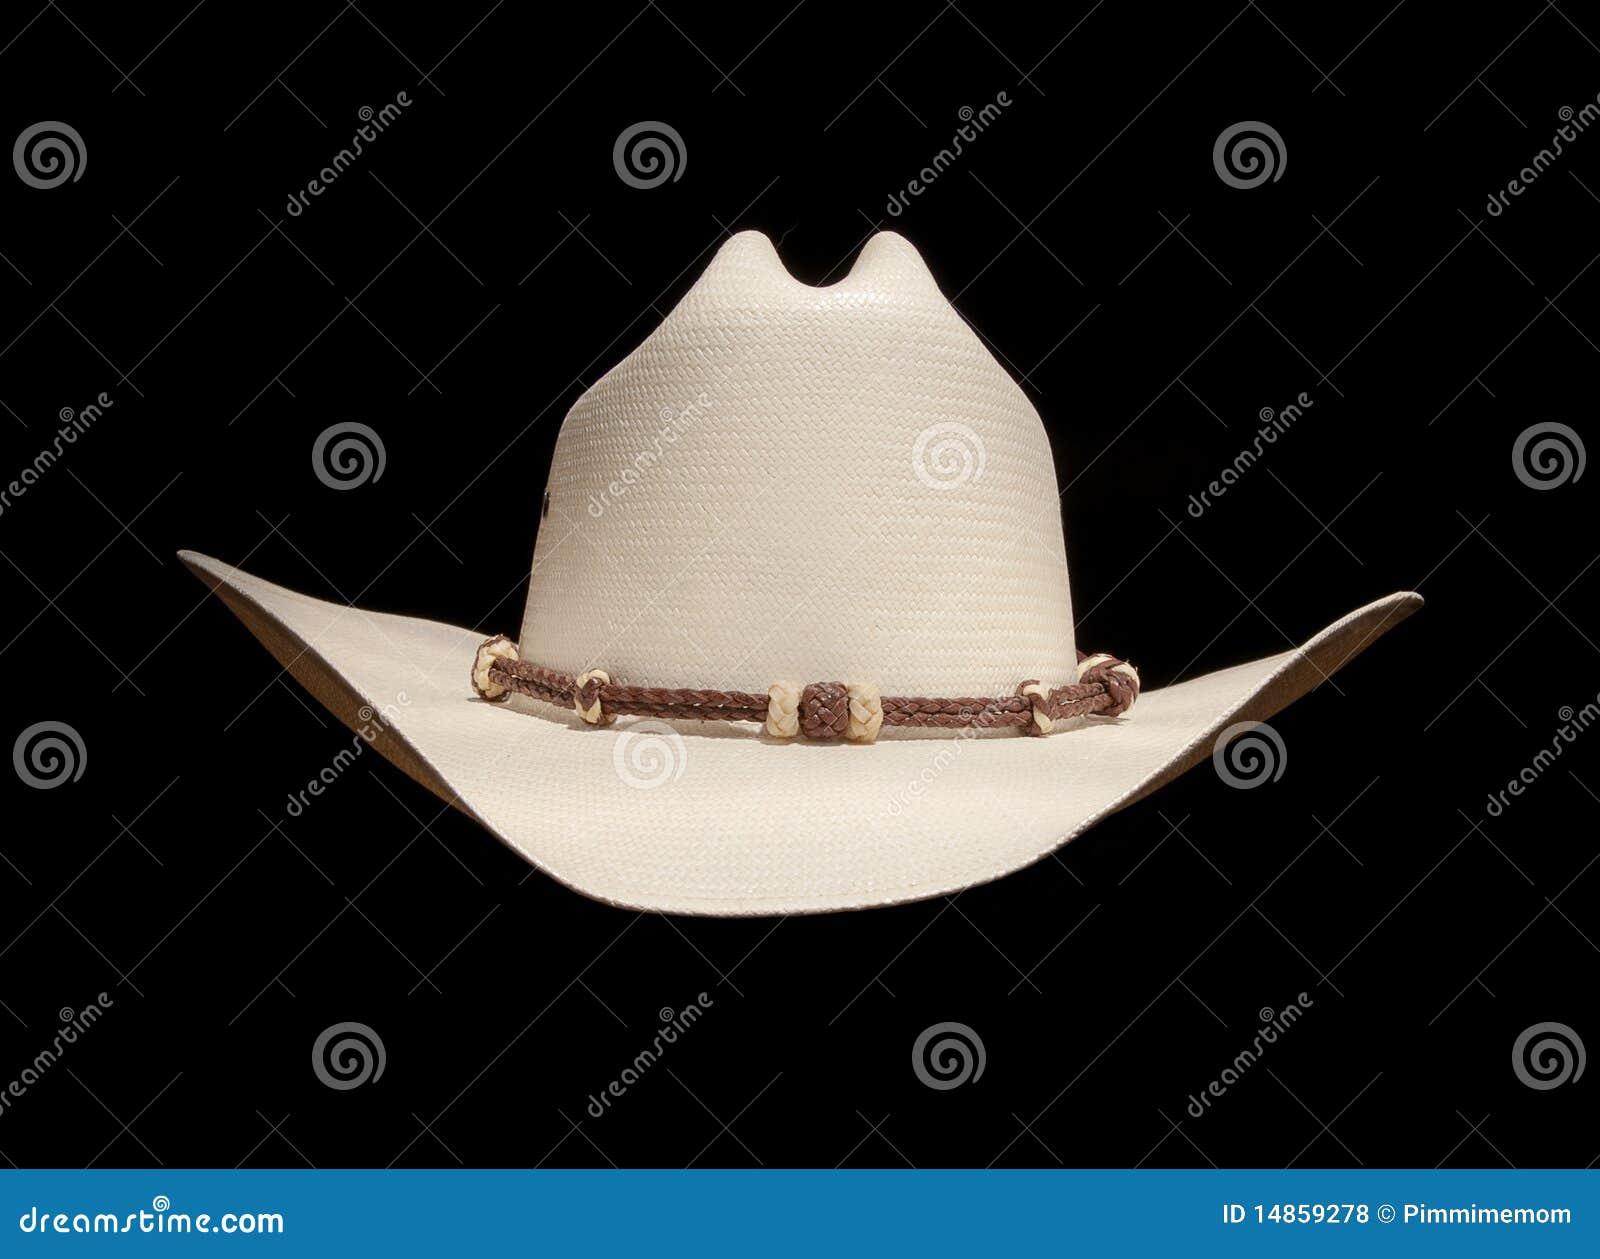 Del Sombrero De Vaquero Blanco Foto de archivo - Imagen de trenza ... 2afa5b20030